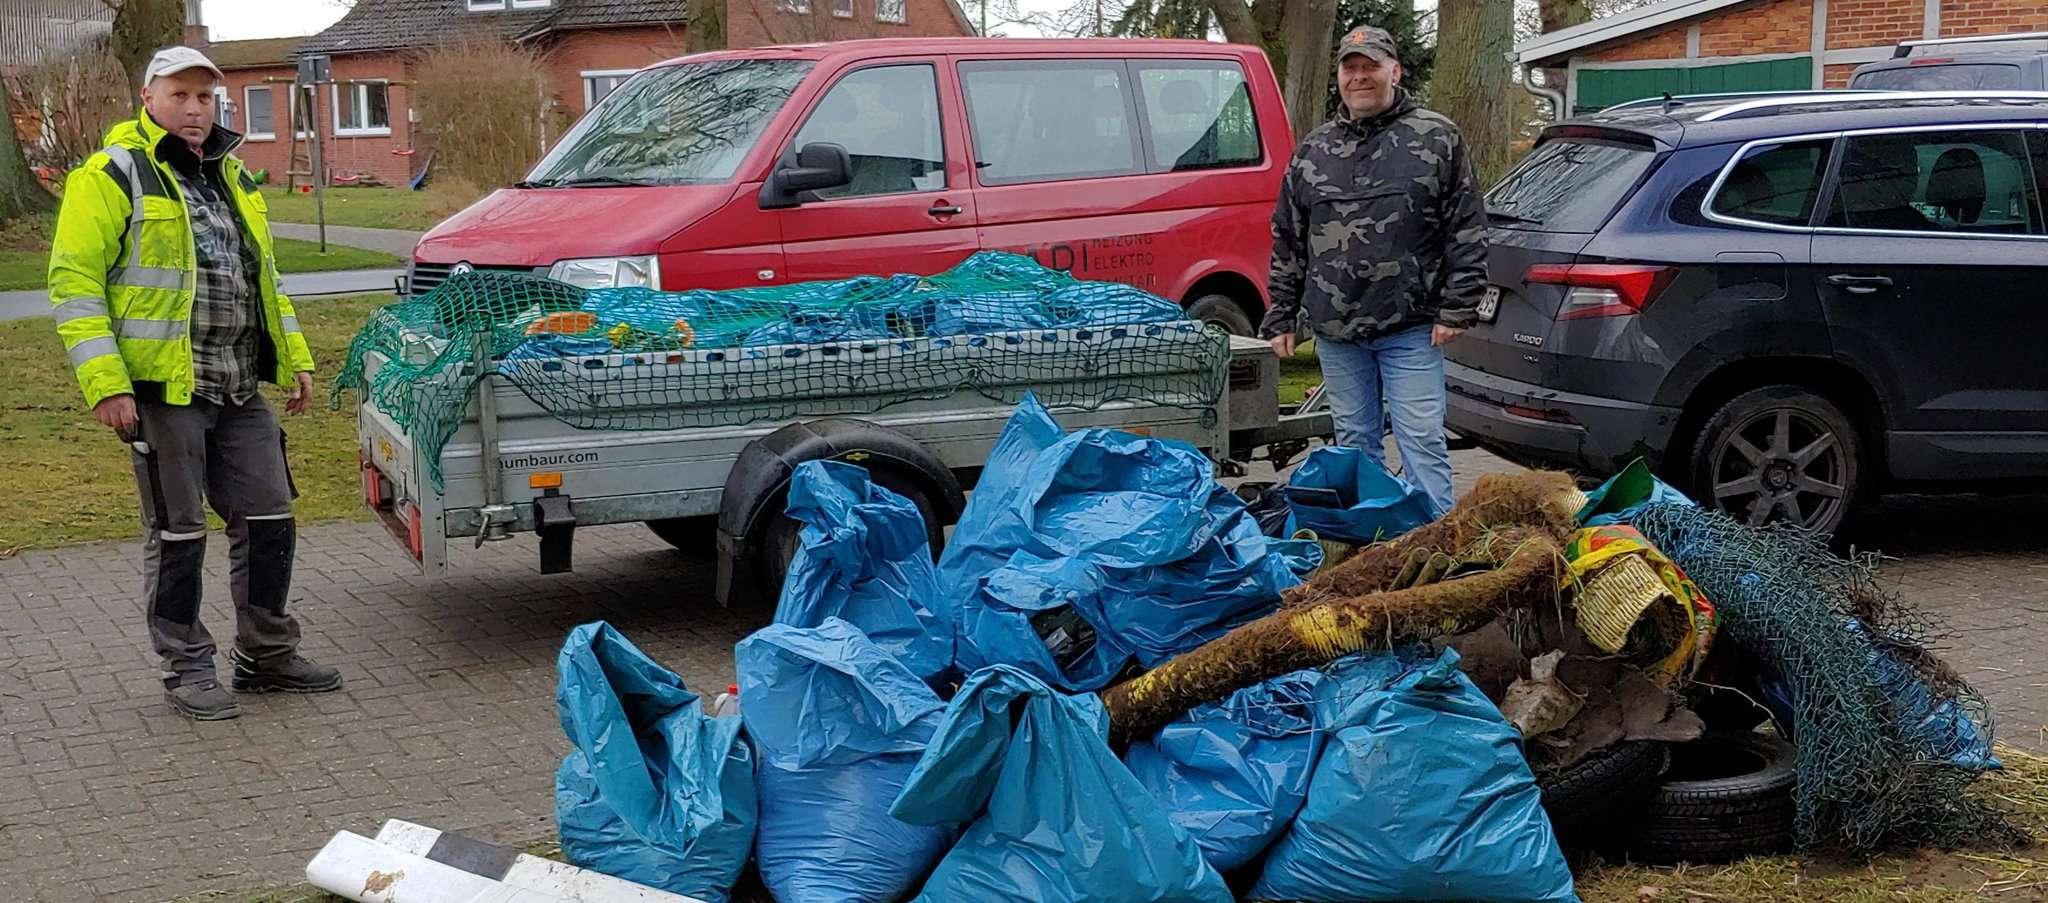 Über drei Kubikmeter Müll kamen bei der Bürgeraktion zusammen.